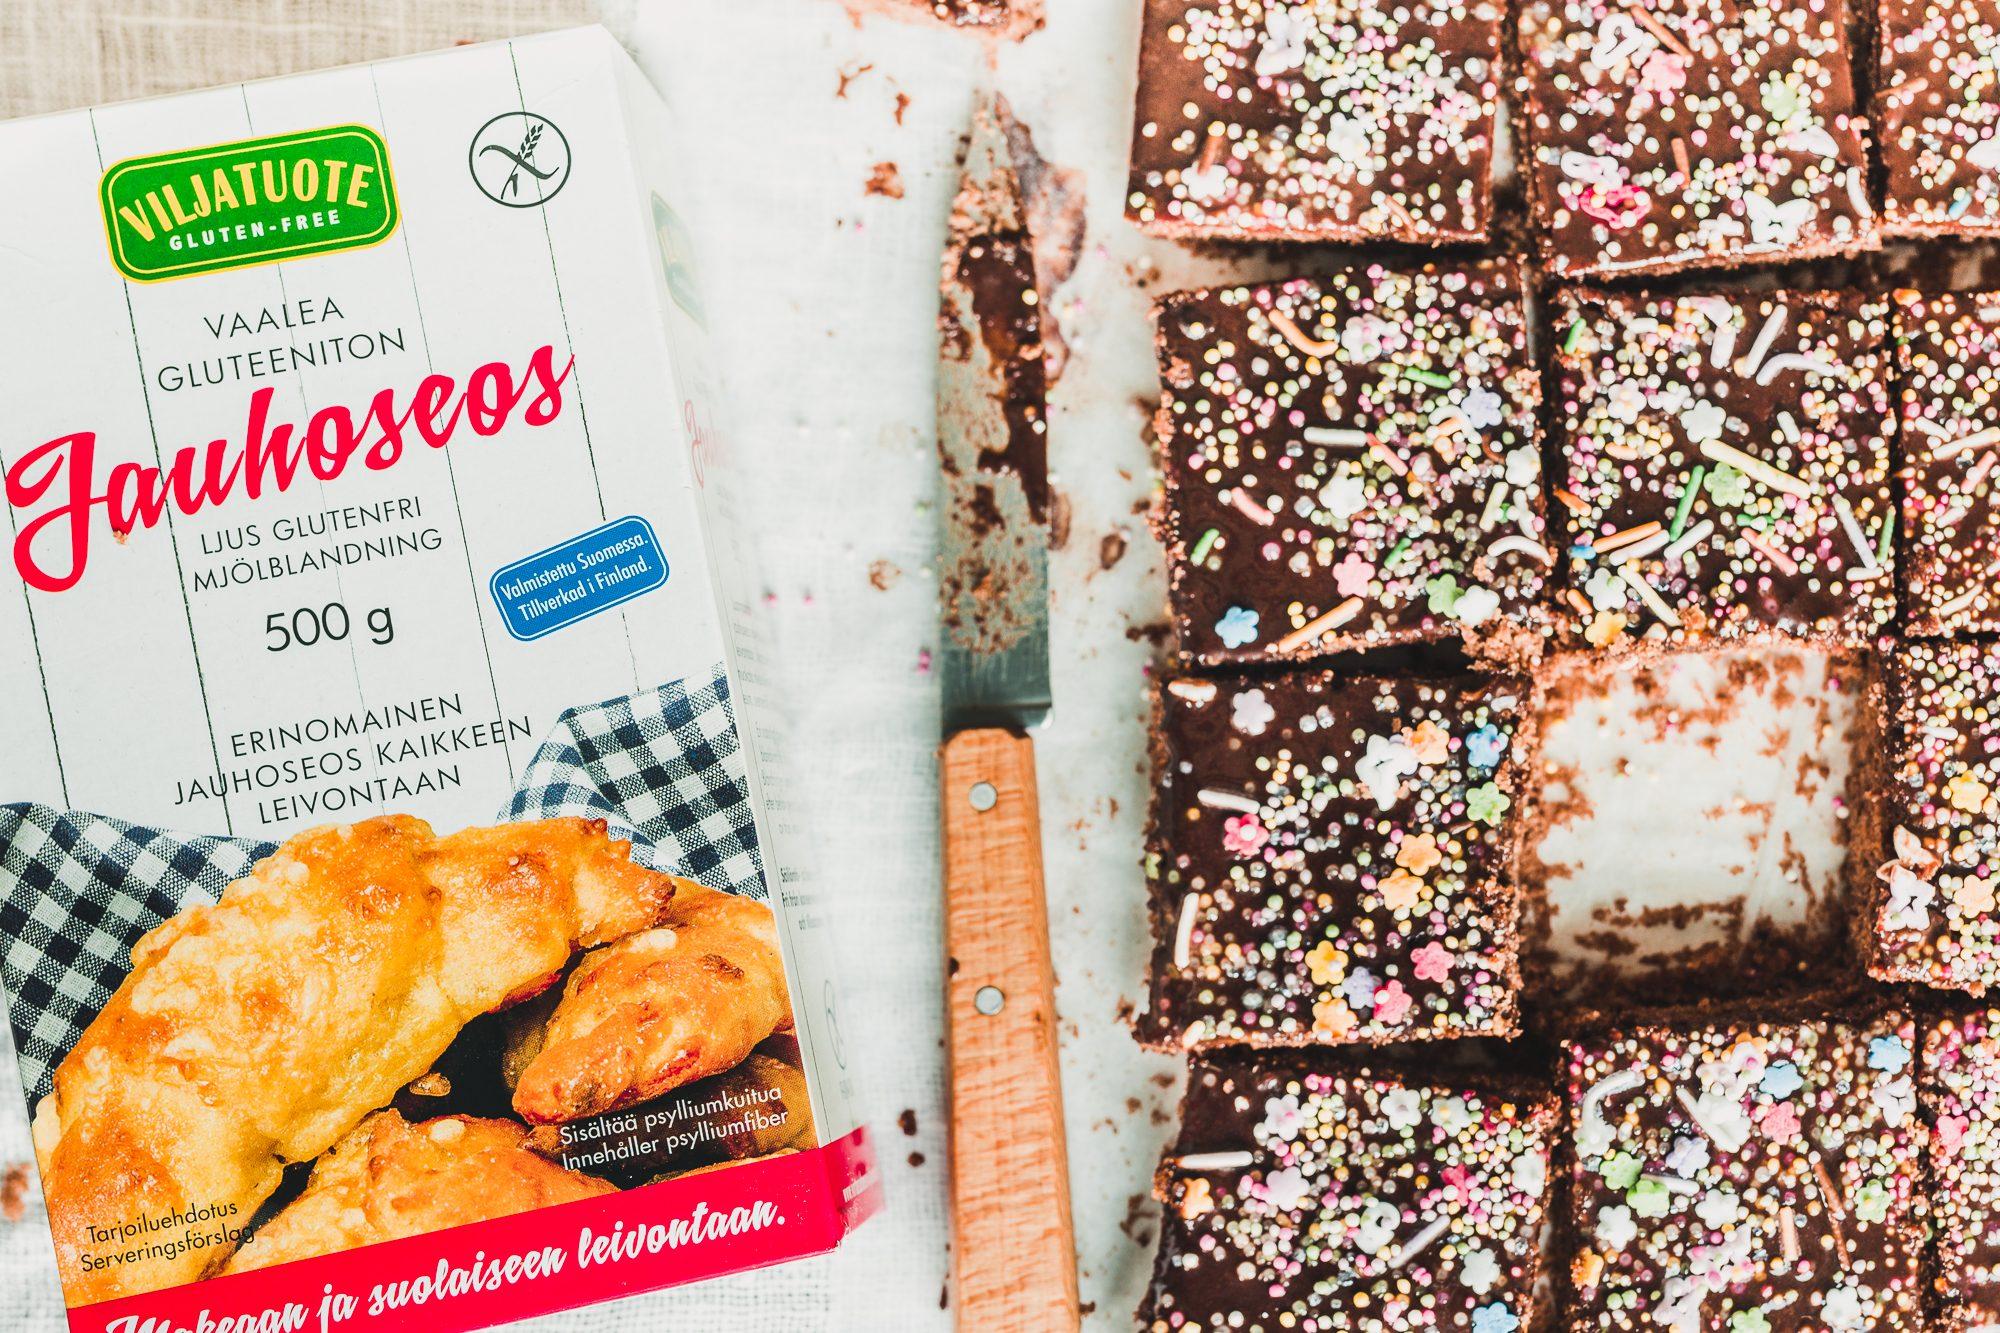 Guten-free vegan mocha cake